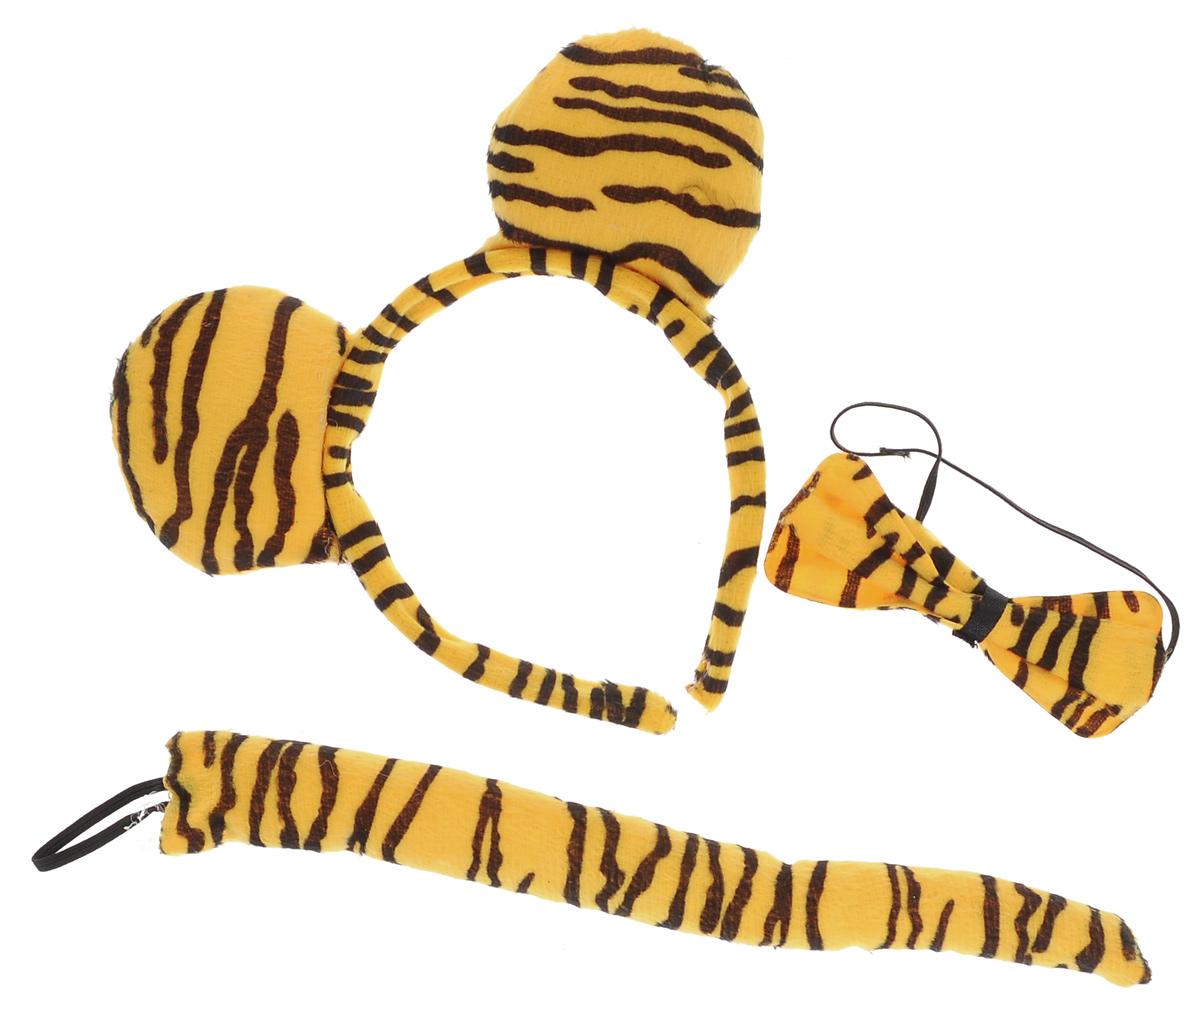 Набор маскарадный Феникс-Презент Тигр, 3 предмета34604Маскарадный набор Феникс-Презент Тигр состоит из бабочки на резинке, ободка с ушками и хвостика. Набор выполнен из полиэстера с расцветкой под тигра. Ободок имеет универсальный размер. Хвостик легко принимает любую форму, благодаря гибкой проволоке. Такой набор великолепно дополнит образ вашего персонажа, подчеркнет его характер и сформирует облик в целом. Если у вас намечается веселая вечеринка или маскарад, то такой аксессуар легко поможет создать праздничный наряд. Внесите нотку задора и веселья в ваш праздник. Веселое настроение и масса положительных эмоций вам будут обеспечены! Длина хвостика: 26 см. Размер ободка: 18 см х 18 см. Размер бабочки: 11 см х 5,5 см.